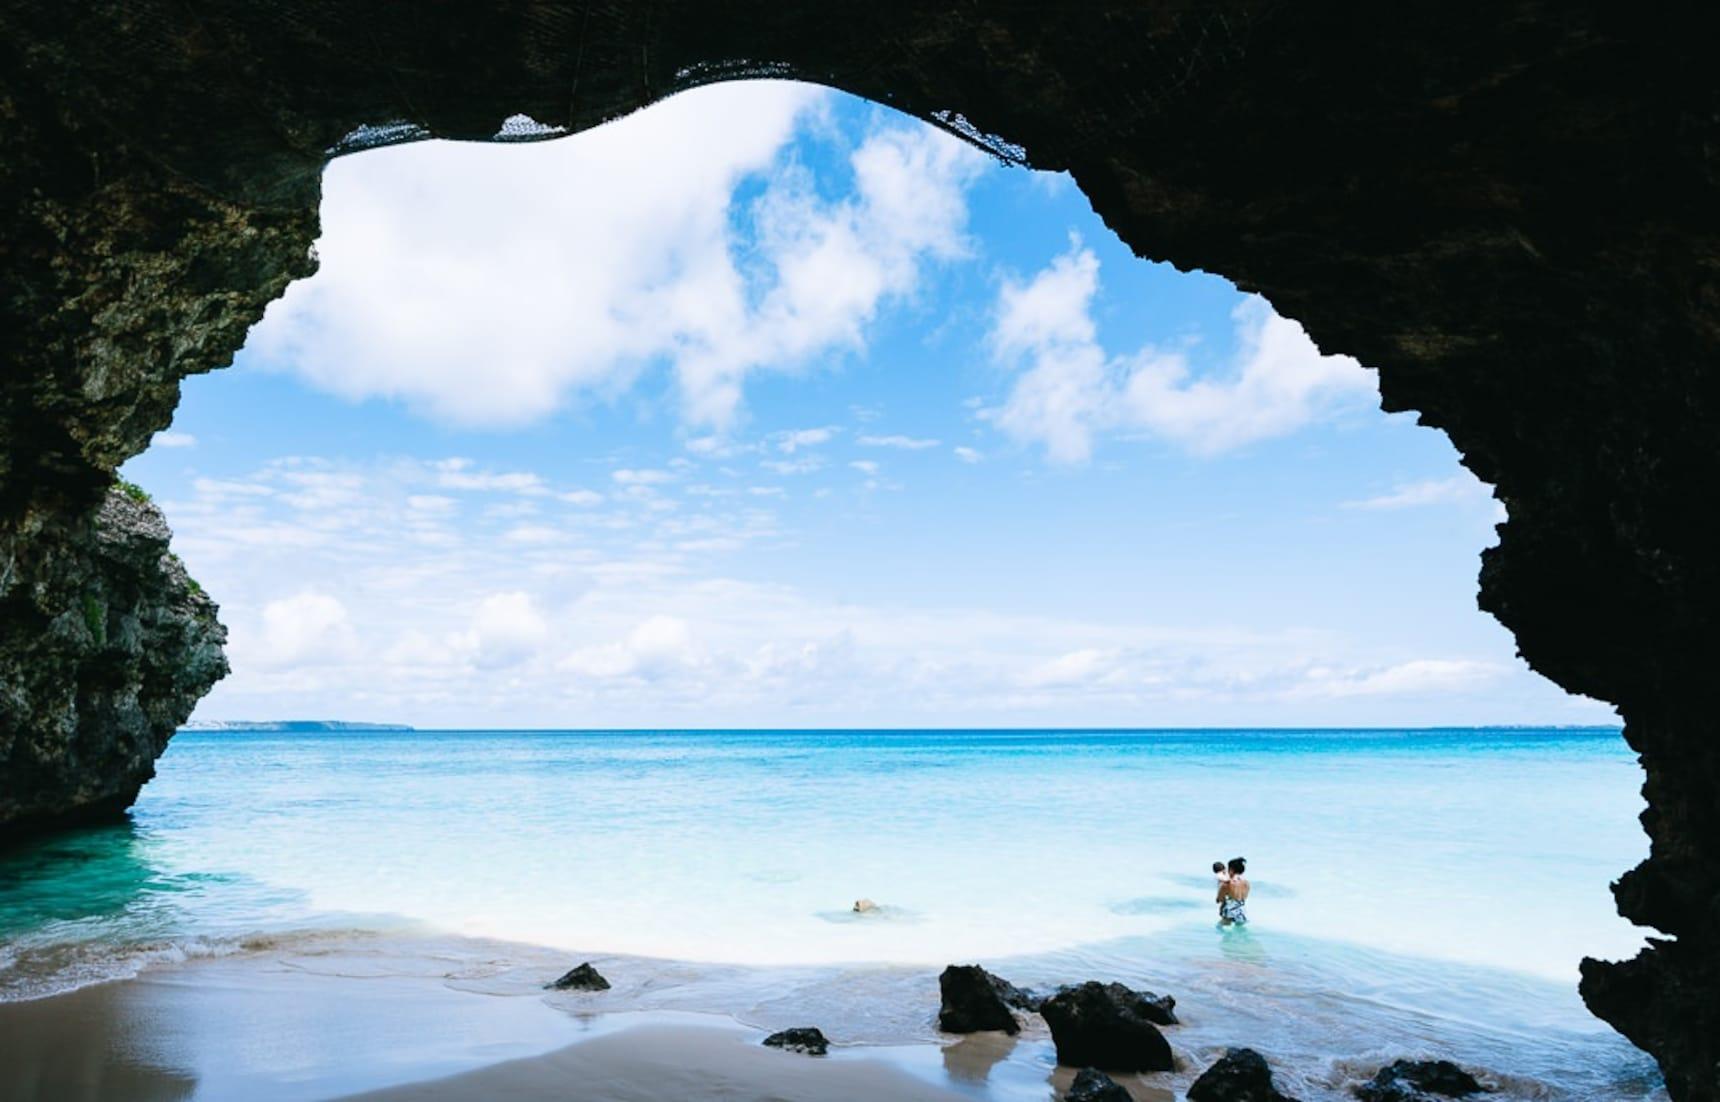 라이터가 선정한 아름다운 바닷가 1 편